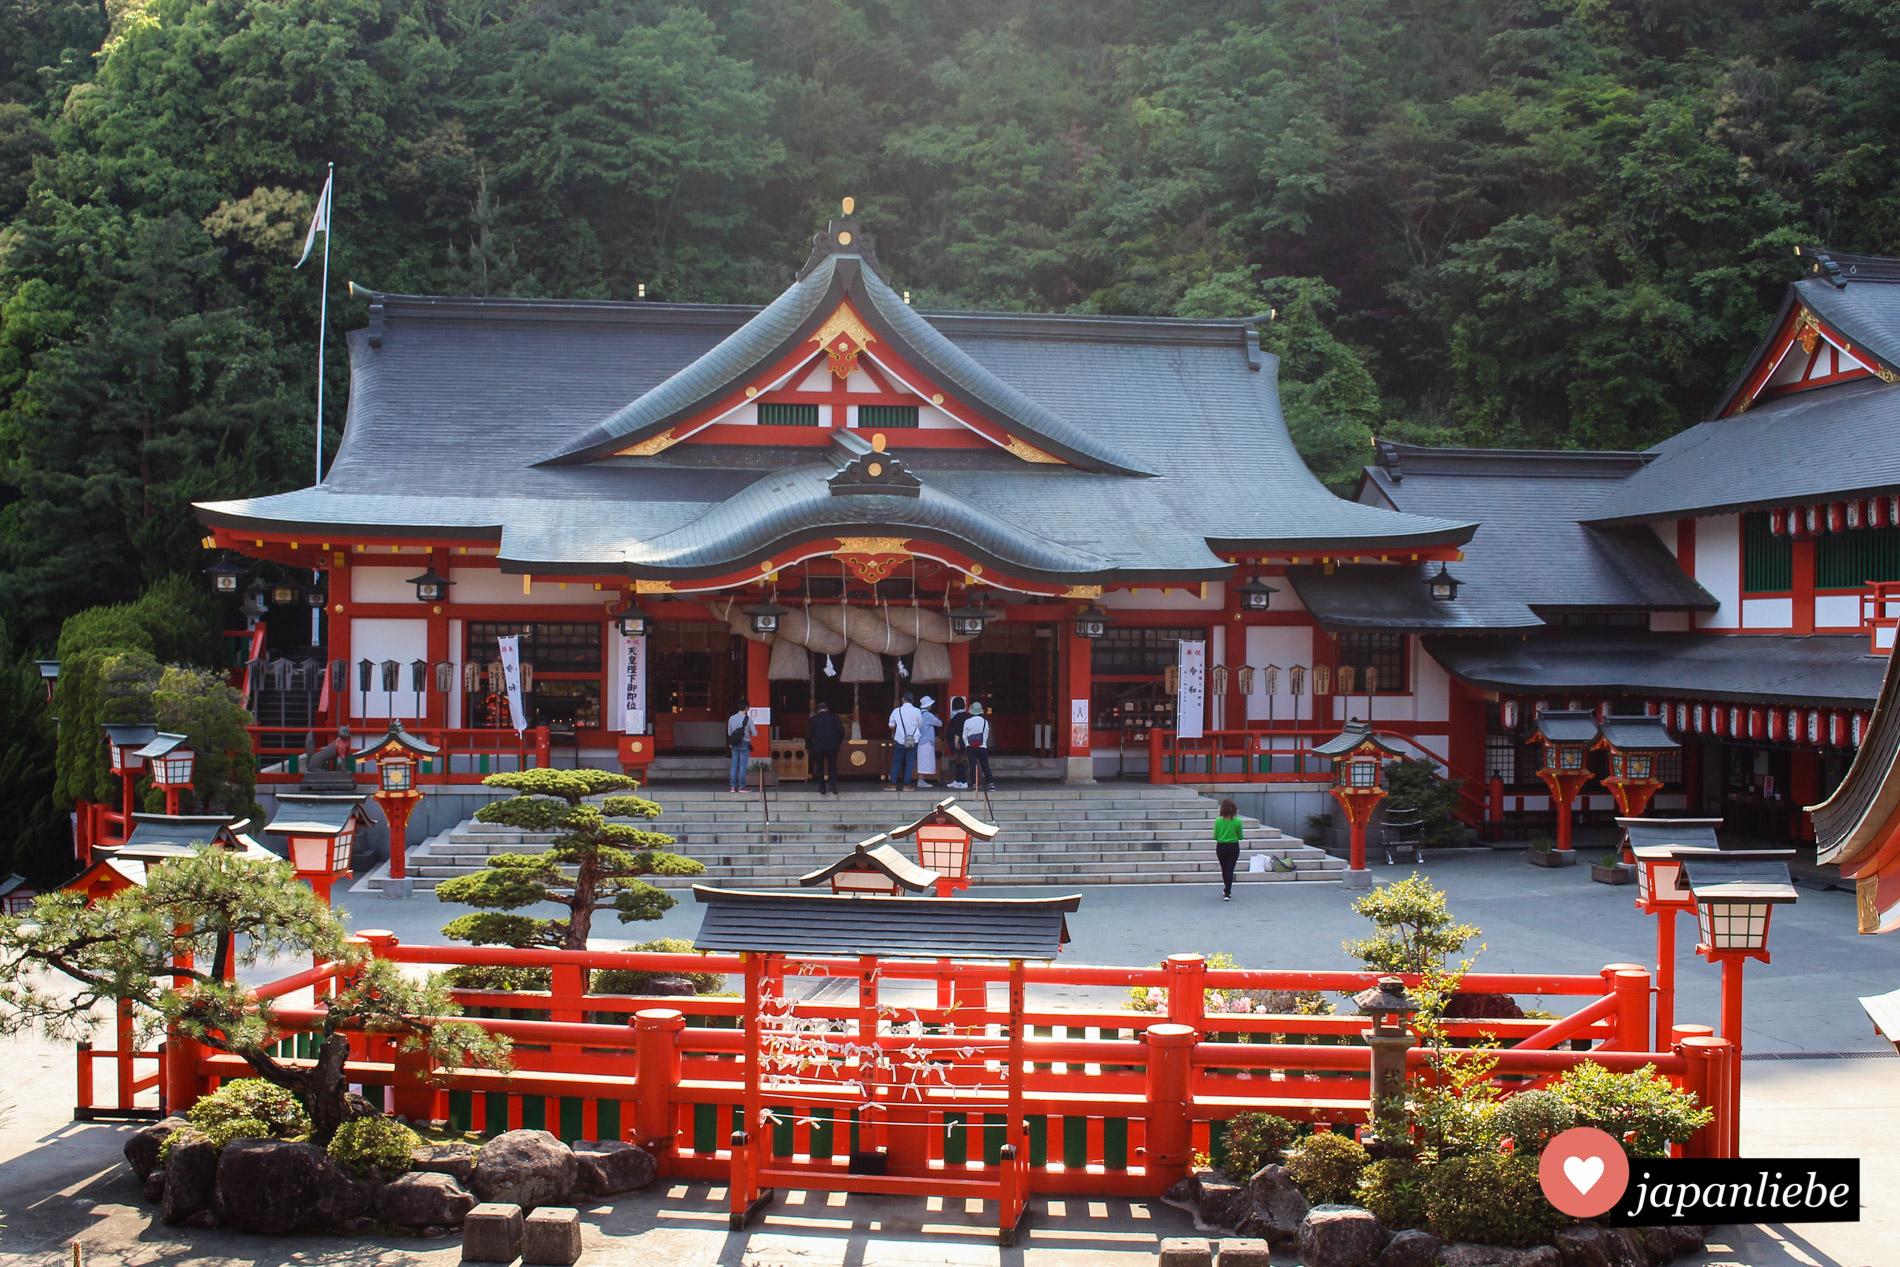 Der Taikodani-Inari-jinja ist einer der wichtigsten Inri-Schreine des Landes.